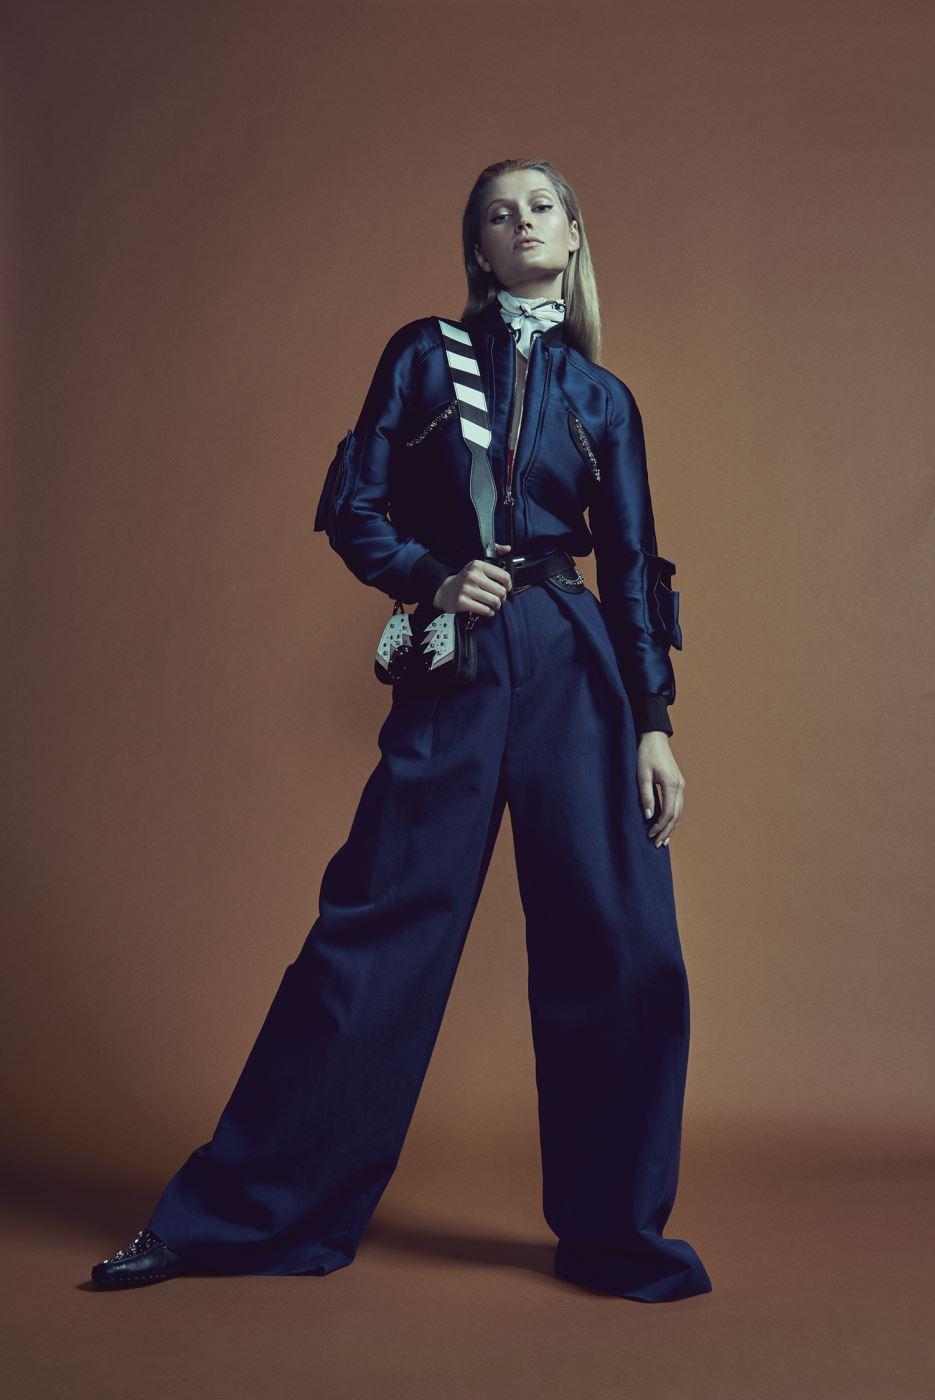 은은한 광택이 돋보이는 원석 장식 새틴 재킷, 맥시 팬츠, 프린트 스카프, 원석 장식 가죽 벨트, 흑백의 조화가 돋보이는 스트랩을 매치한 마이크로 사이즈의 더블-T(Double-T) 백, 슈즈는 모두 Tod's 제품.